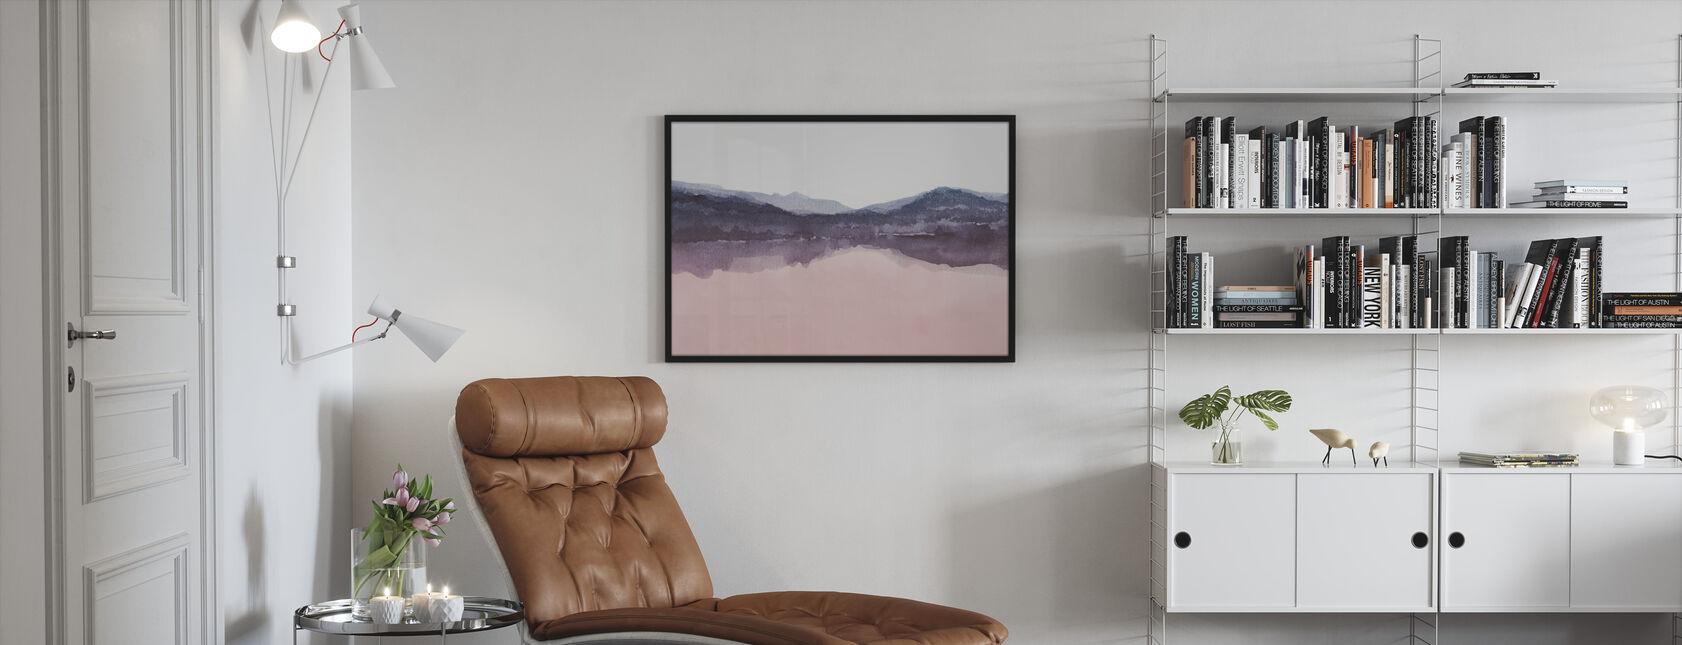 Watercolor Landscape IV - Pink and Blue - Framed print - Living Room